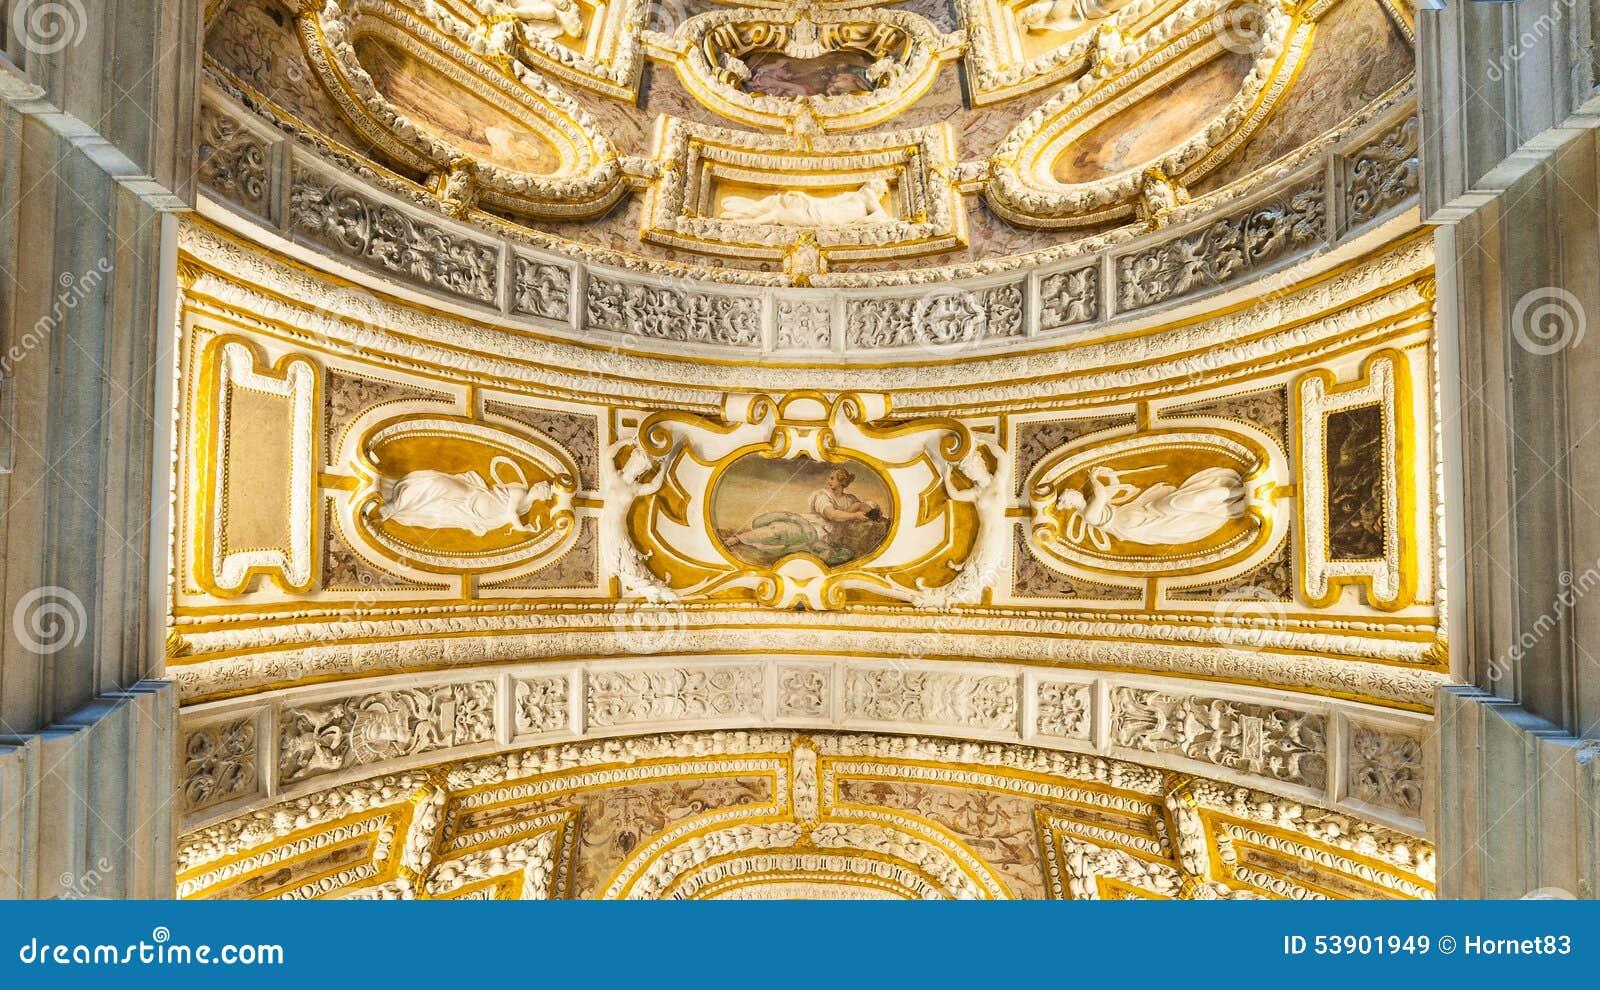 Plafond van het Paleis van de Doges